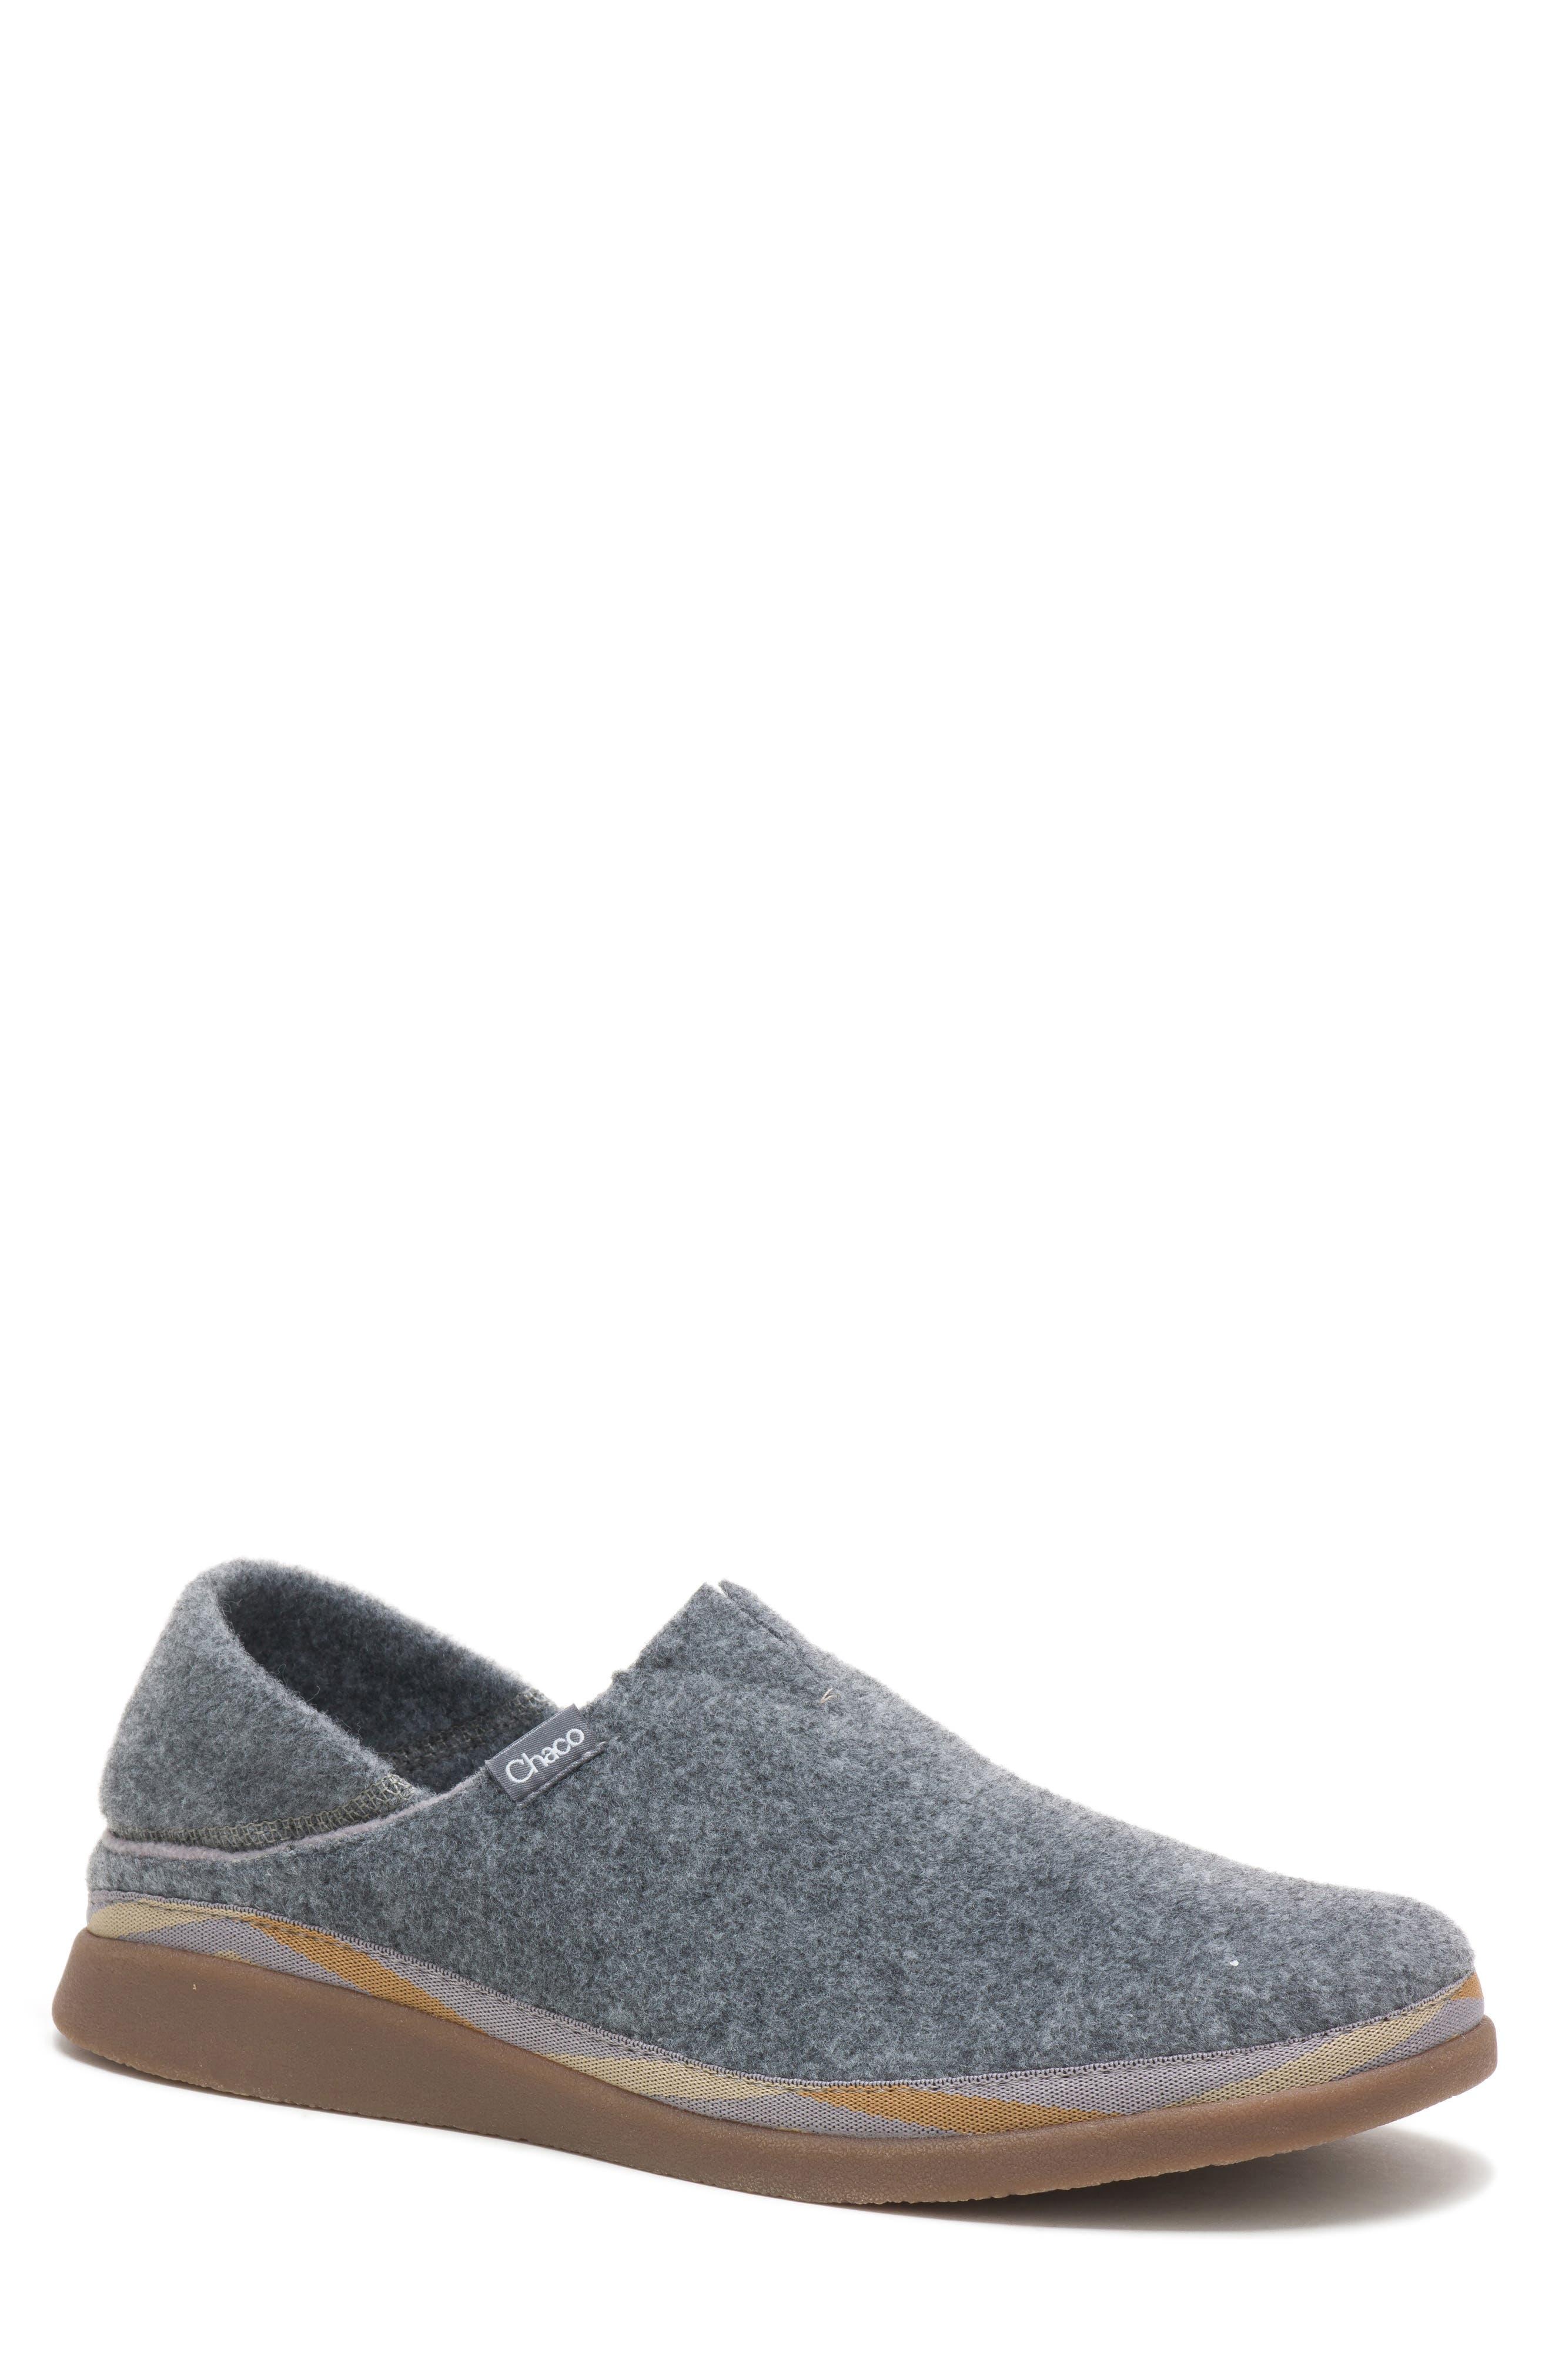 Revel Slip-On Sneaker